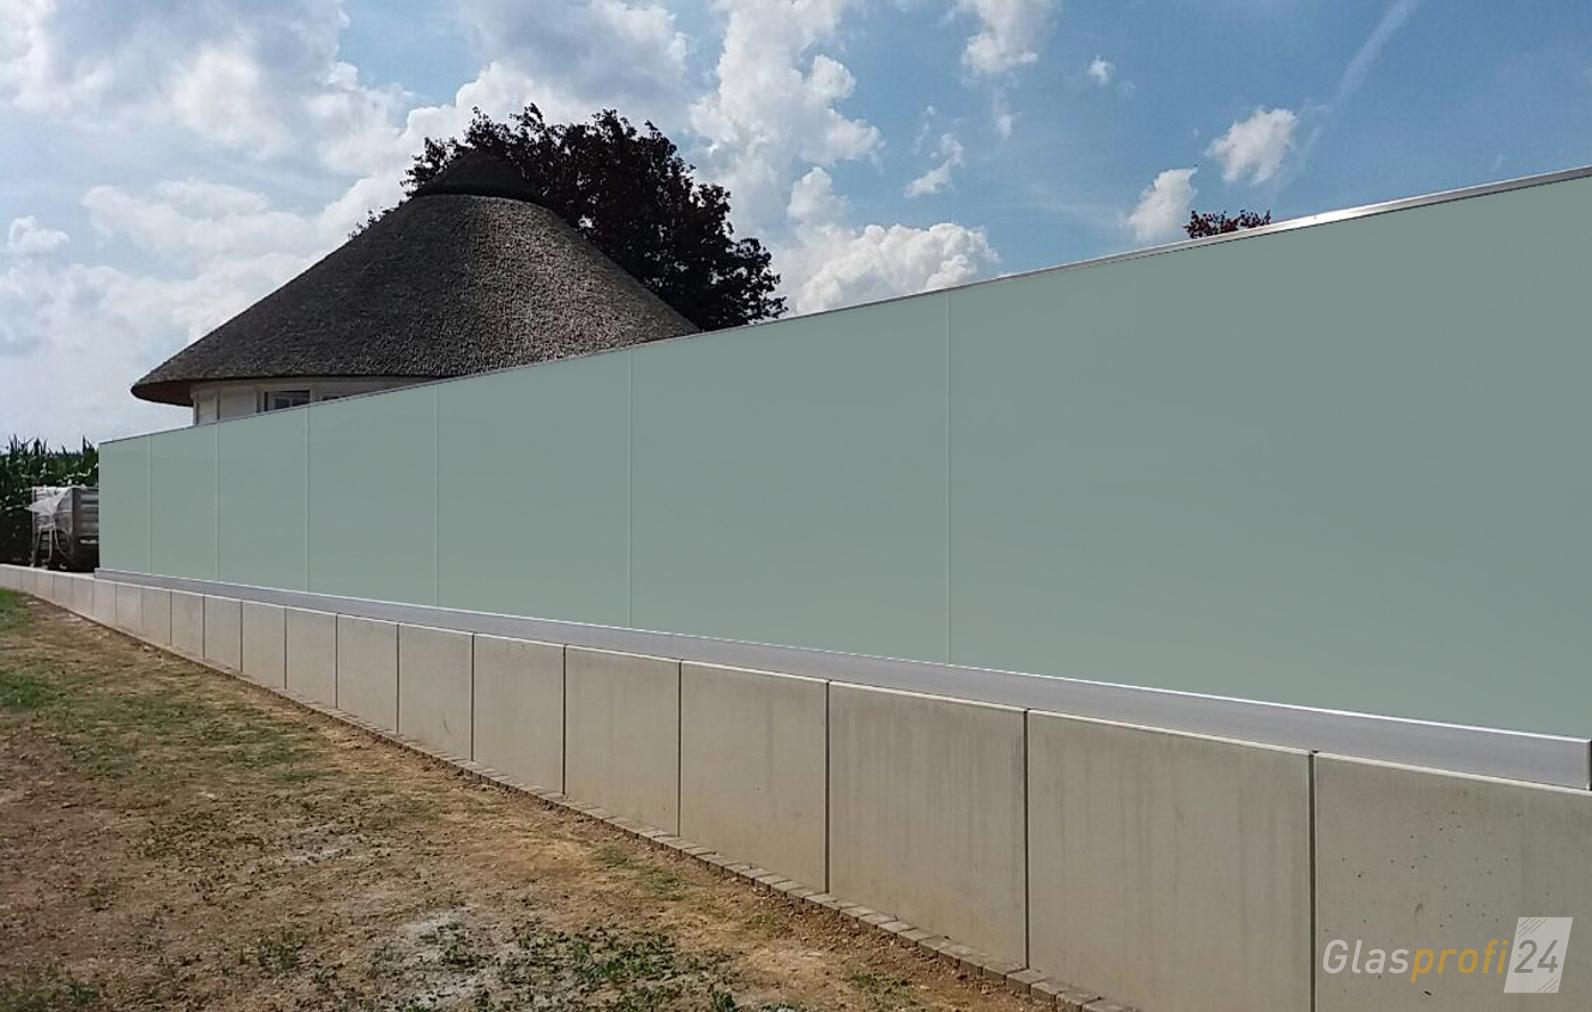 Glaszaun Perviento Als Grundstucksbegrenzung Glaszaun Garten